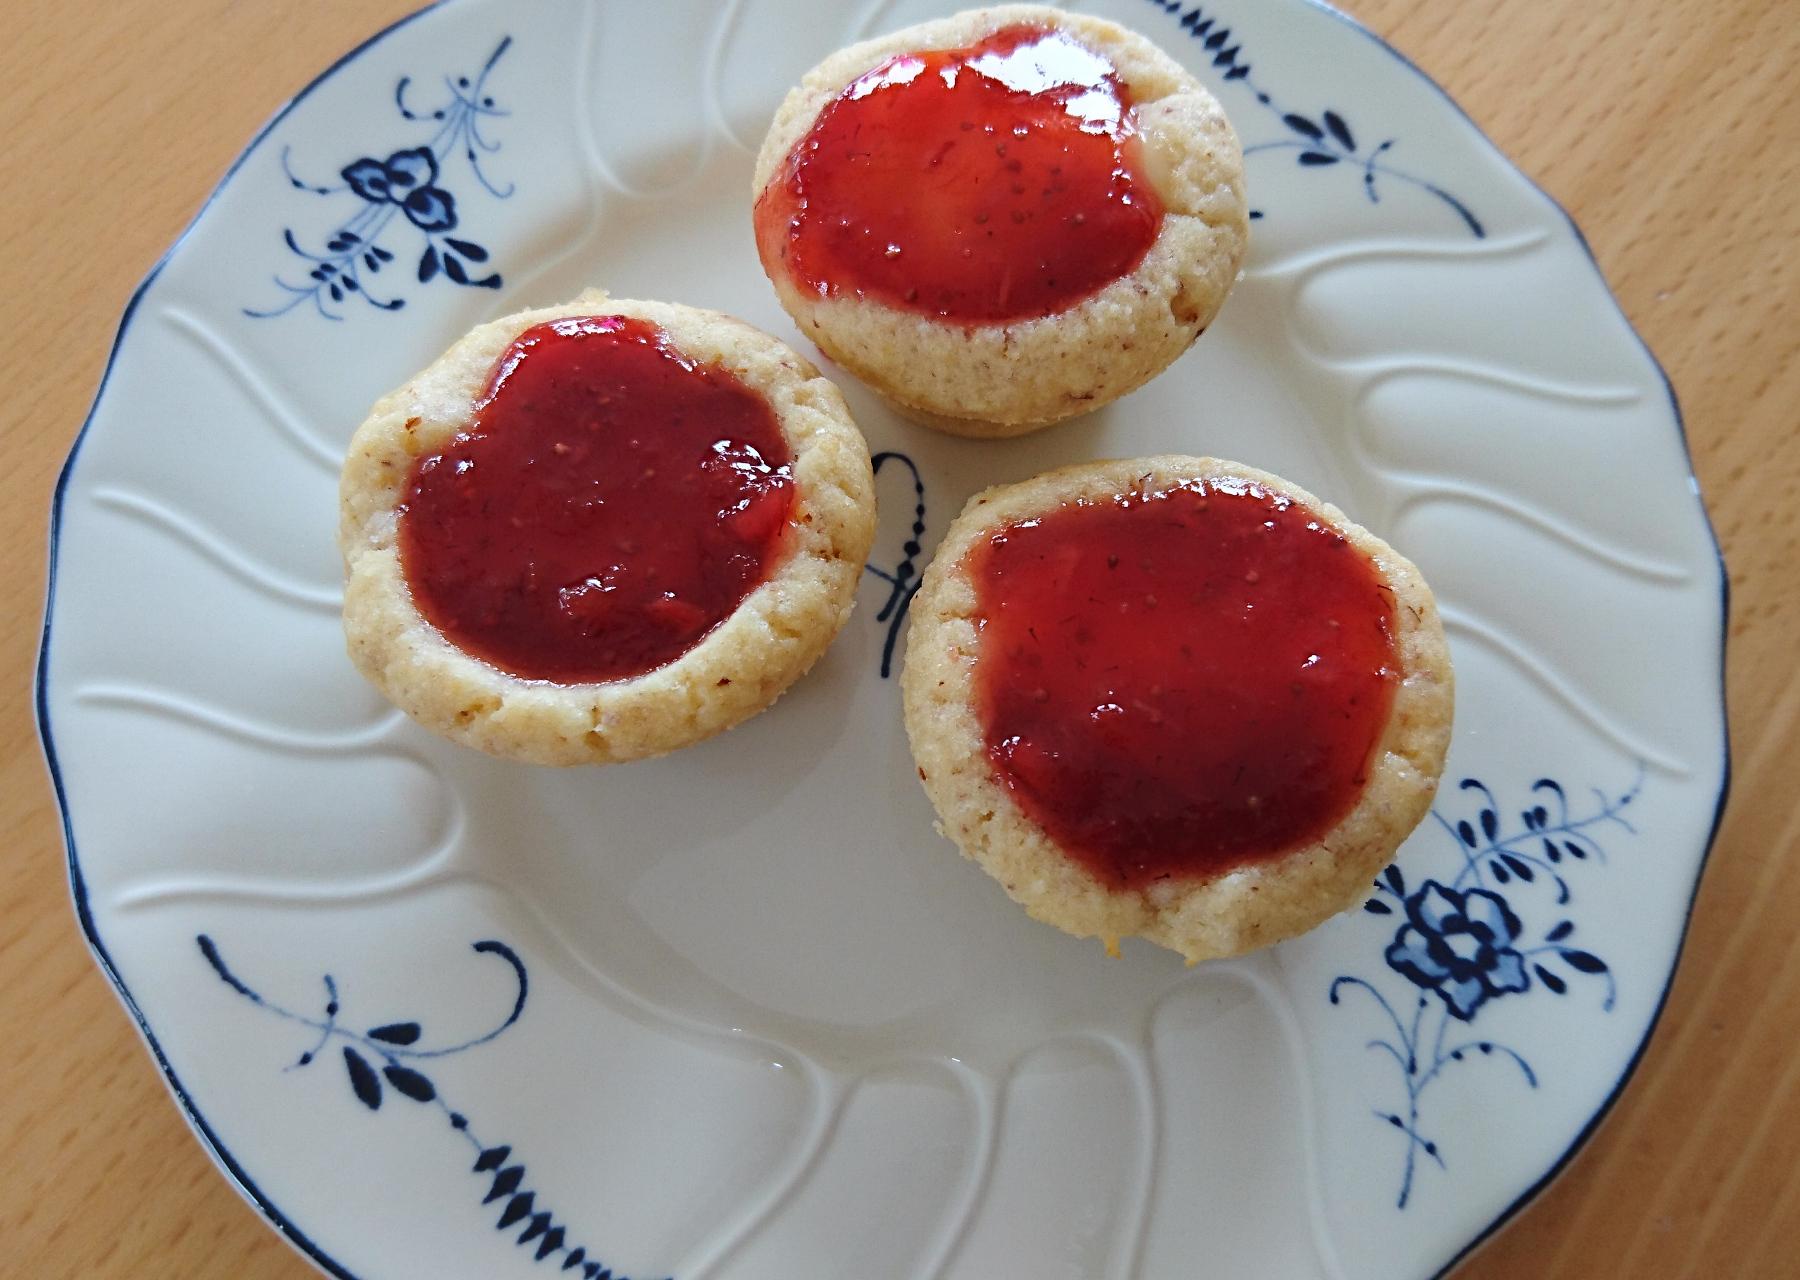 Erdbeer-Vanille Törtchen im Miniformat